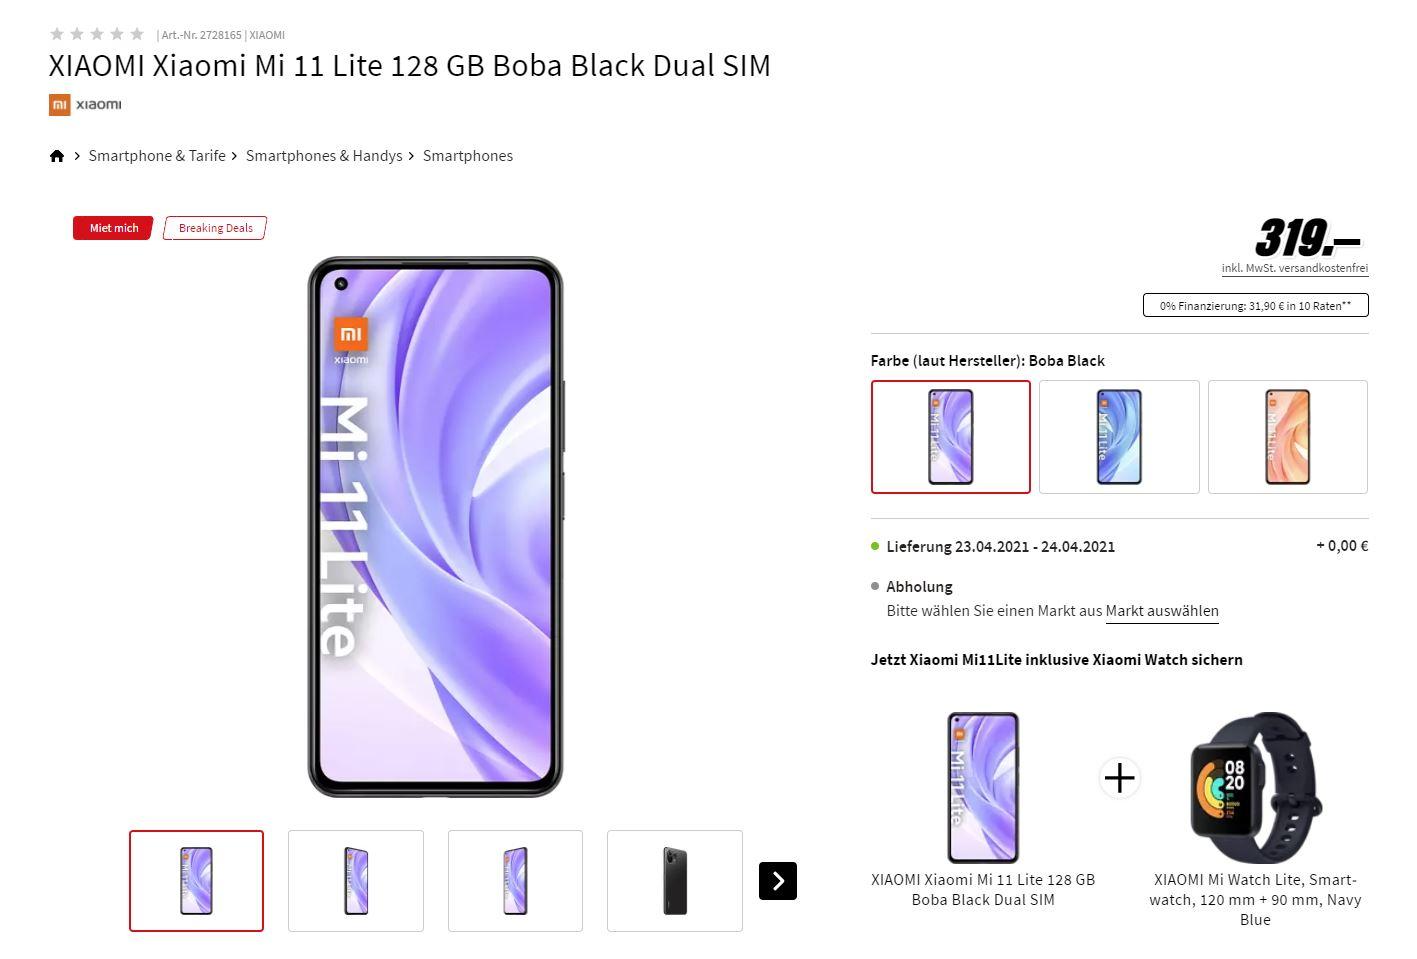 Xiaomi Mi 11 Lite (128 GB) im Preis gefallen und mit Gratiszugabe